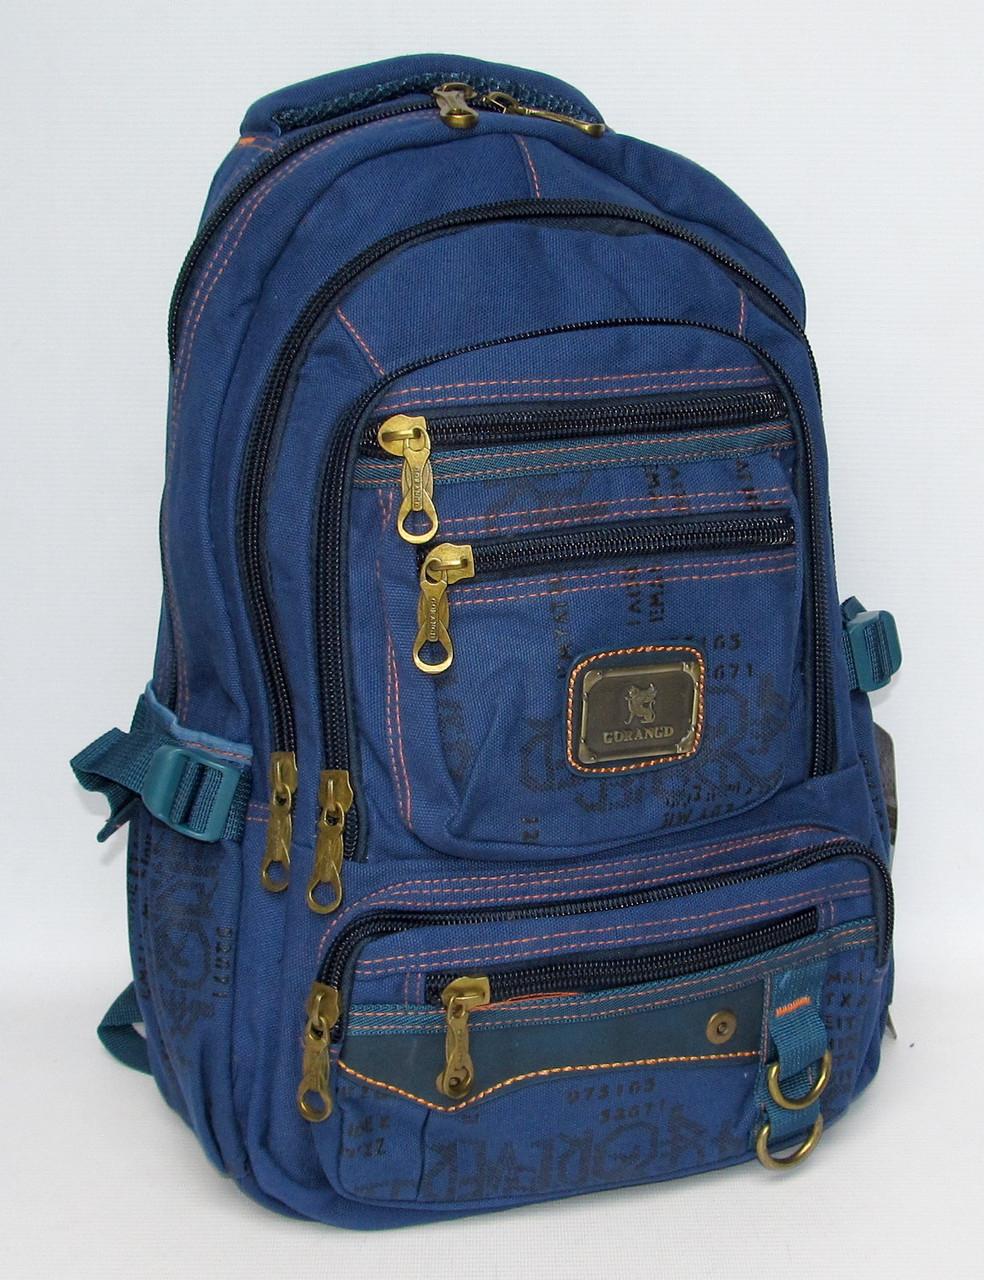 """384c4ff43ddf Брезентовый рюкзак """"Gorangd 2115"""" - Интернет магазин рюкзаков и сумок  STREET BAGS в Хмельницком"""